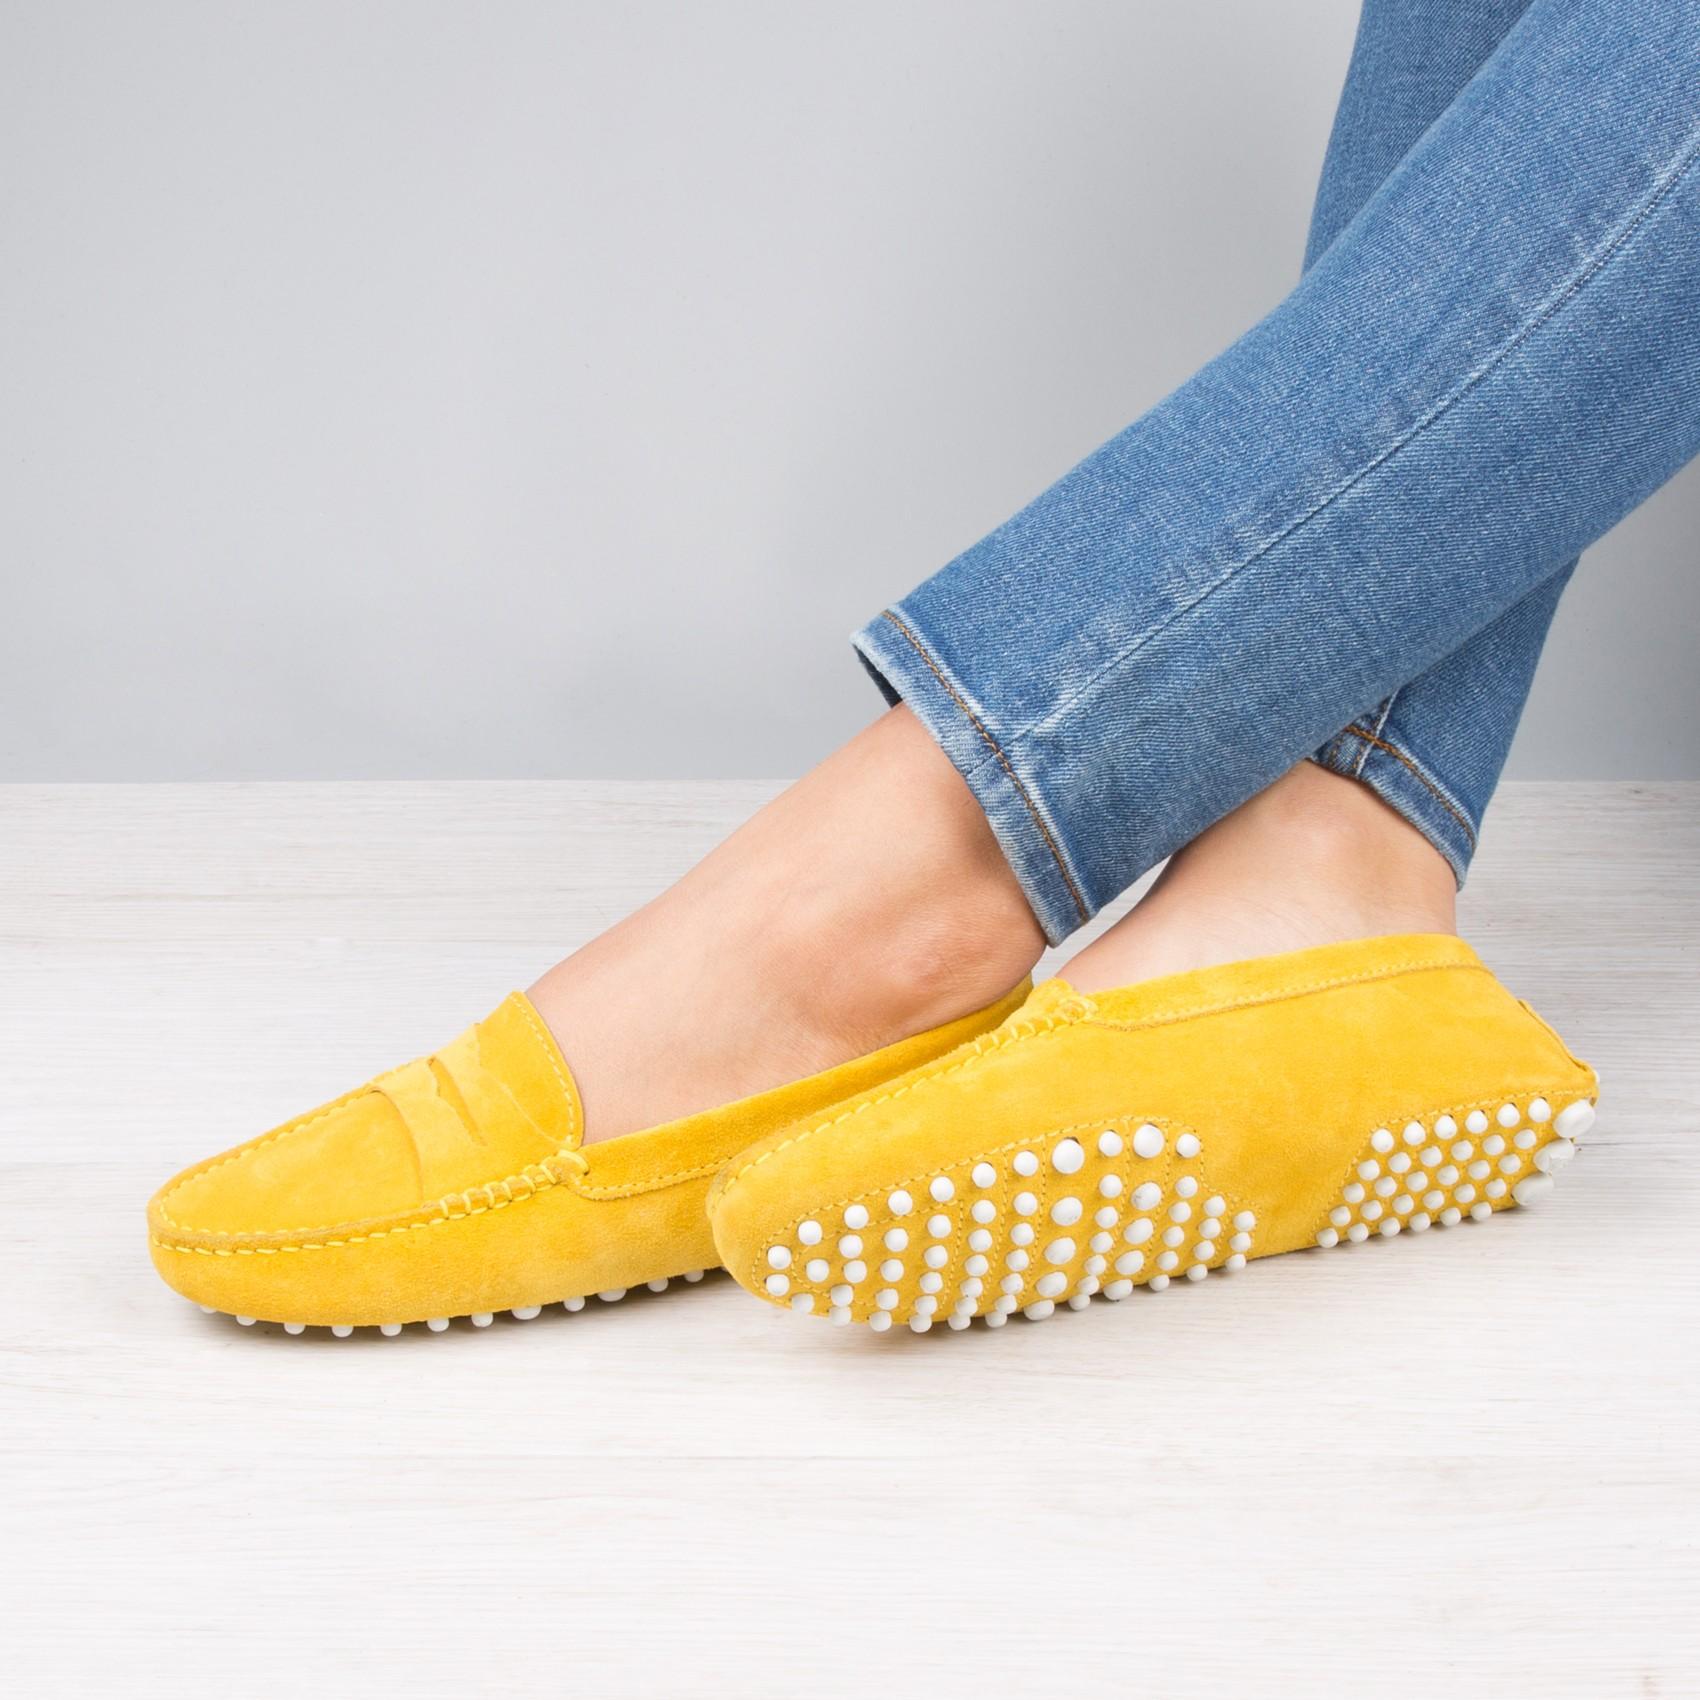 Мокасины женские желтые